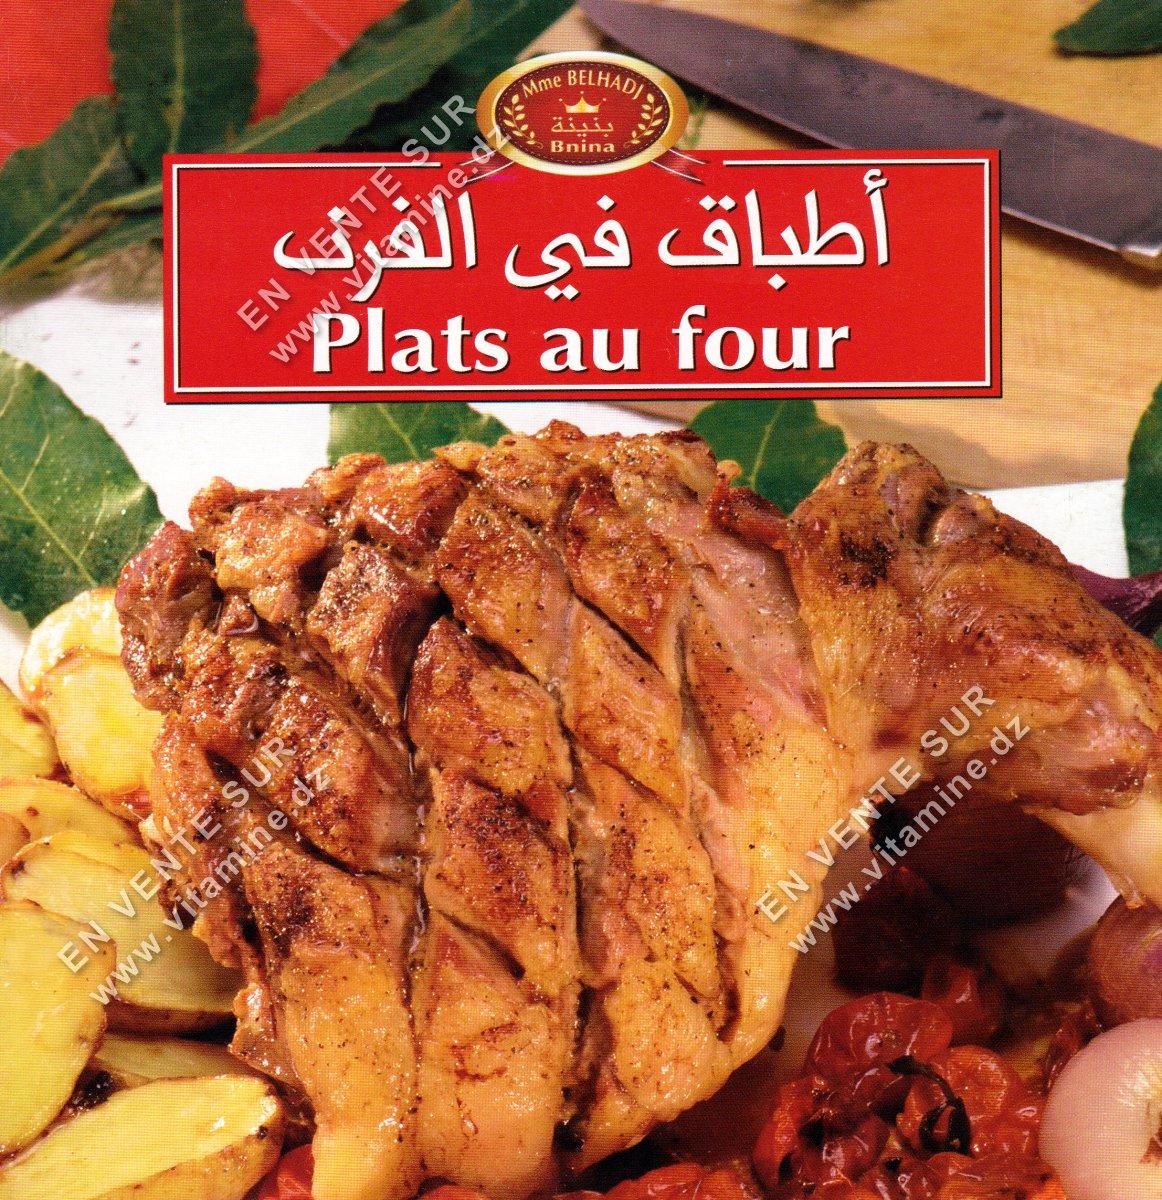 Bnina - Plats aux Four 2